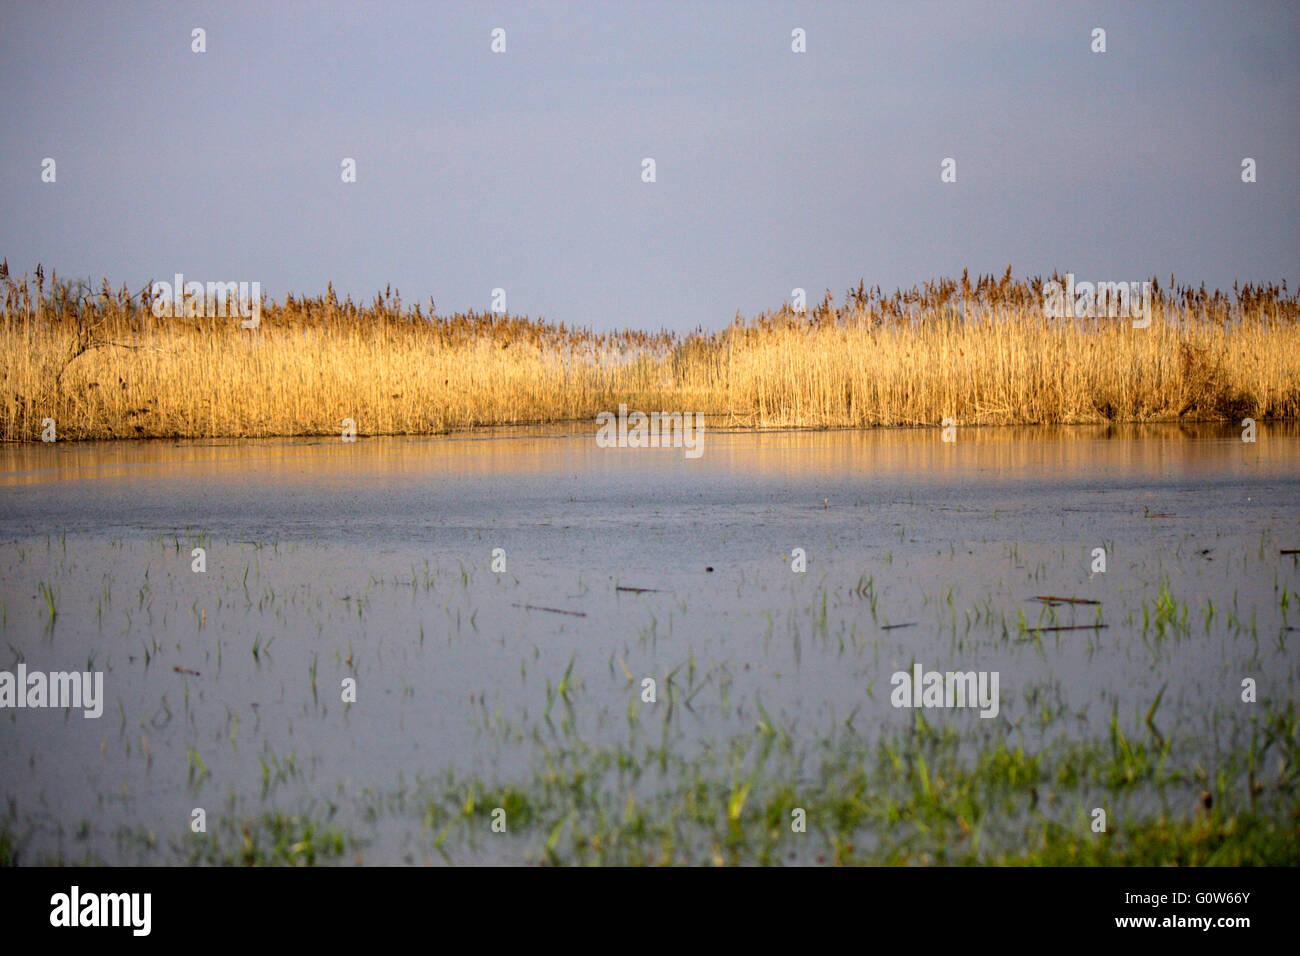 Impressionen: Nationalpark Unteres Odertal/ Oderauen, Criewen, Brandenburg. - Stock Image